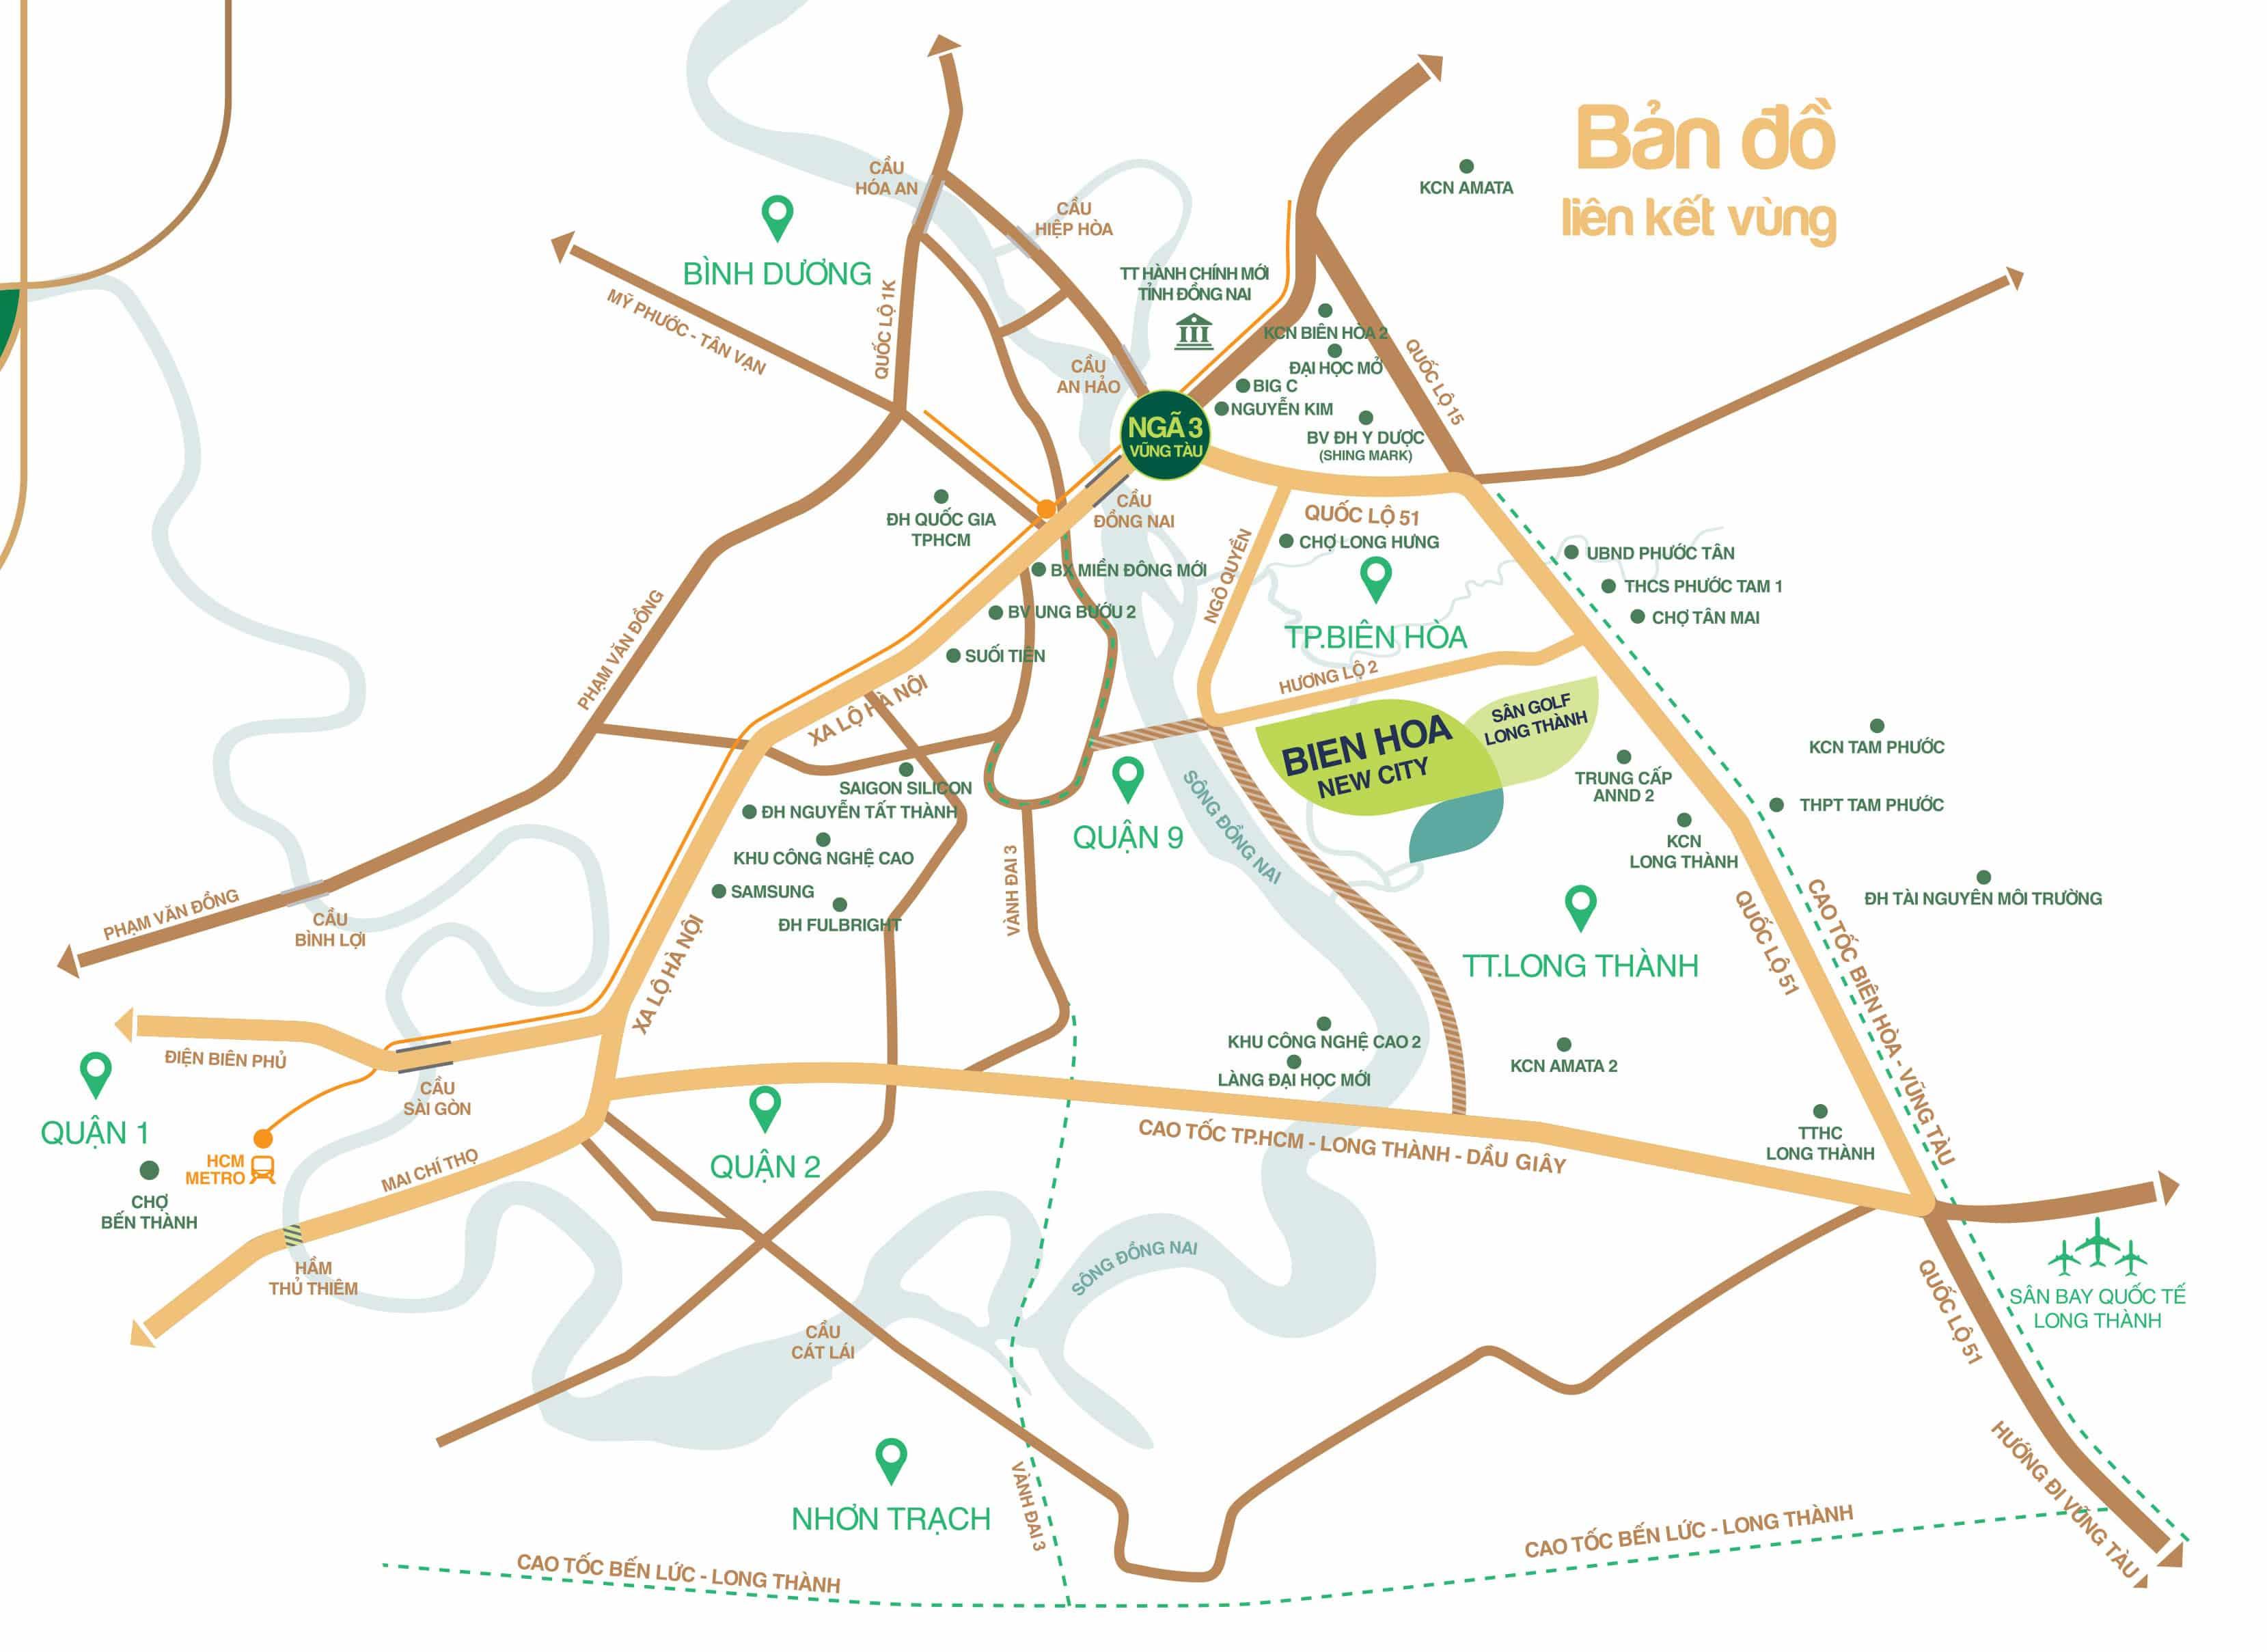 Vị trí dự án Bien Hoa New City Hưng Thịnh